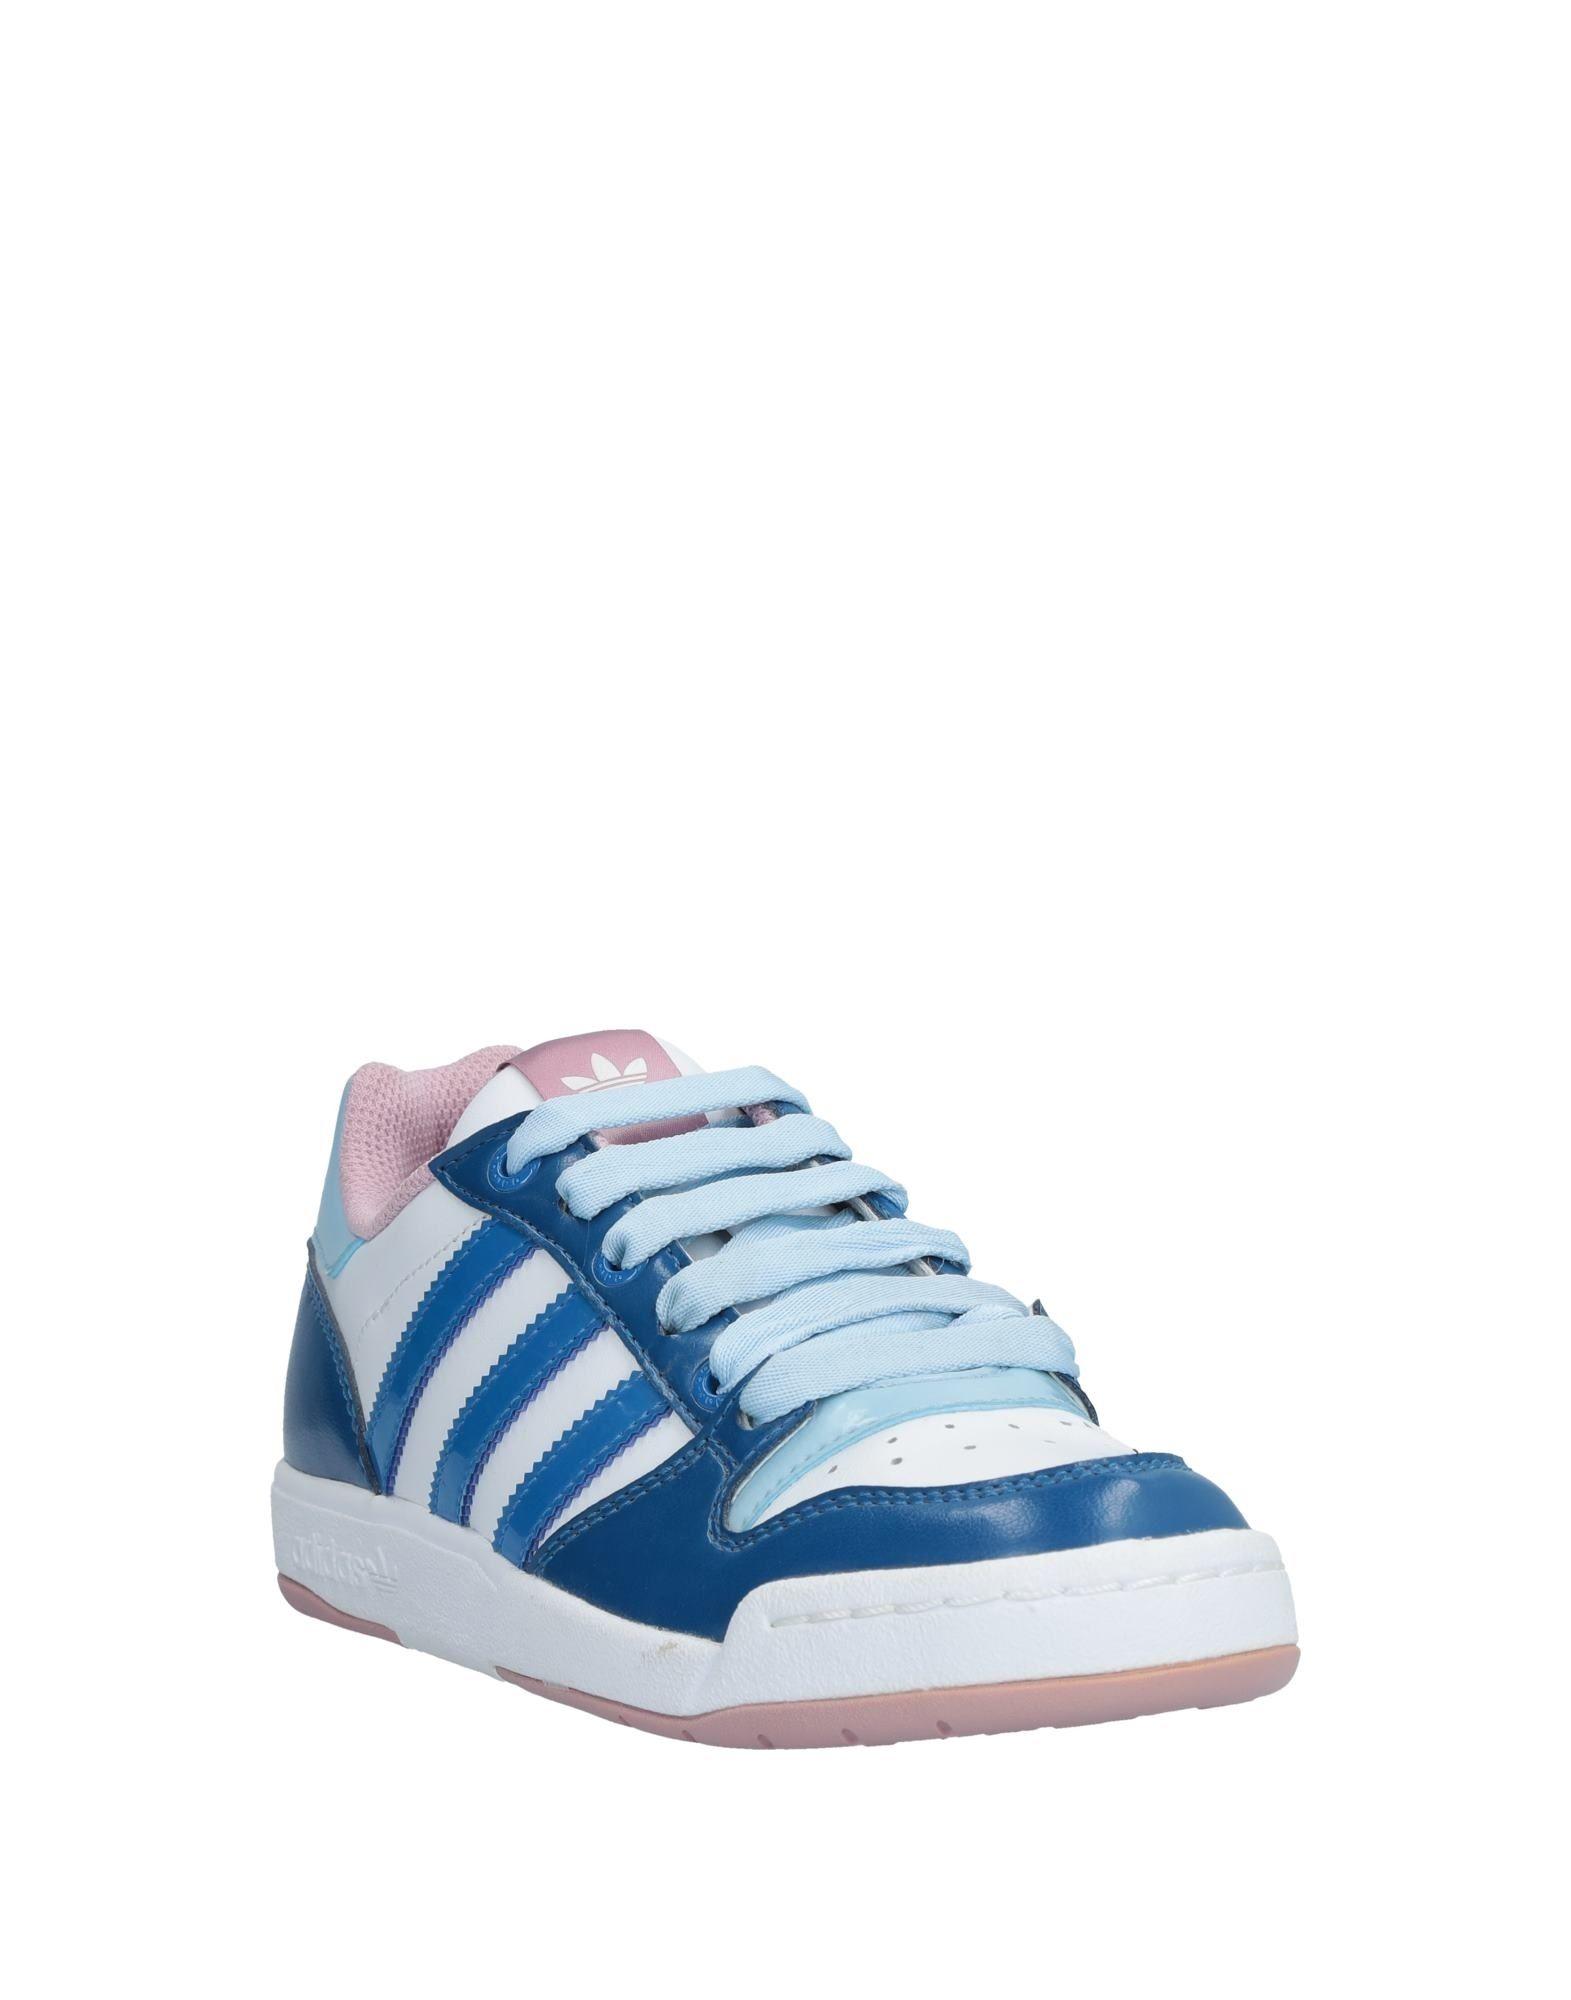 Adidas Originals Gute Sneakers Damen  11537550US Gute Originals Qualität beliebte Schuhe f6d47a